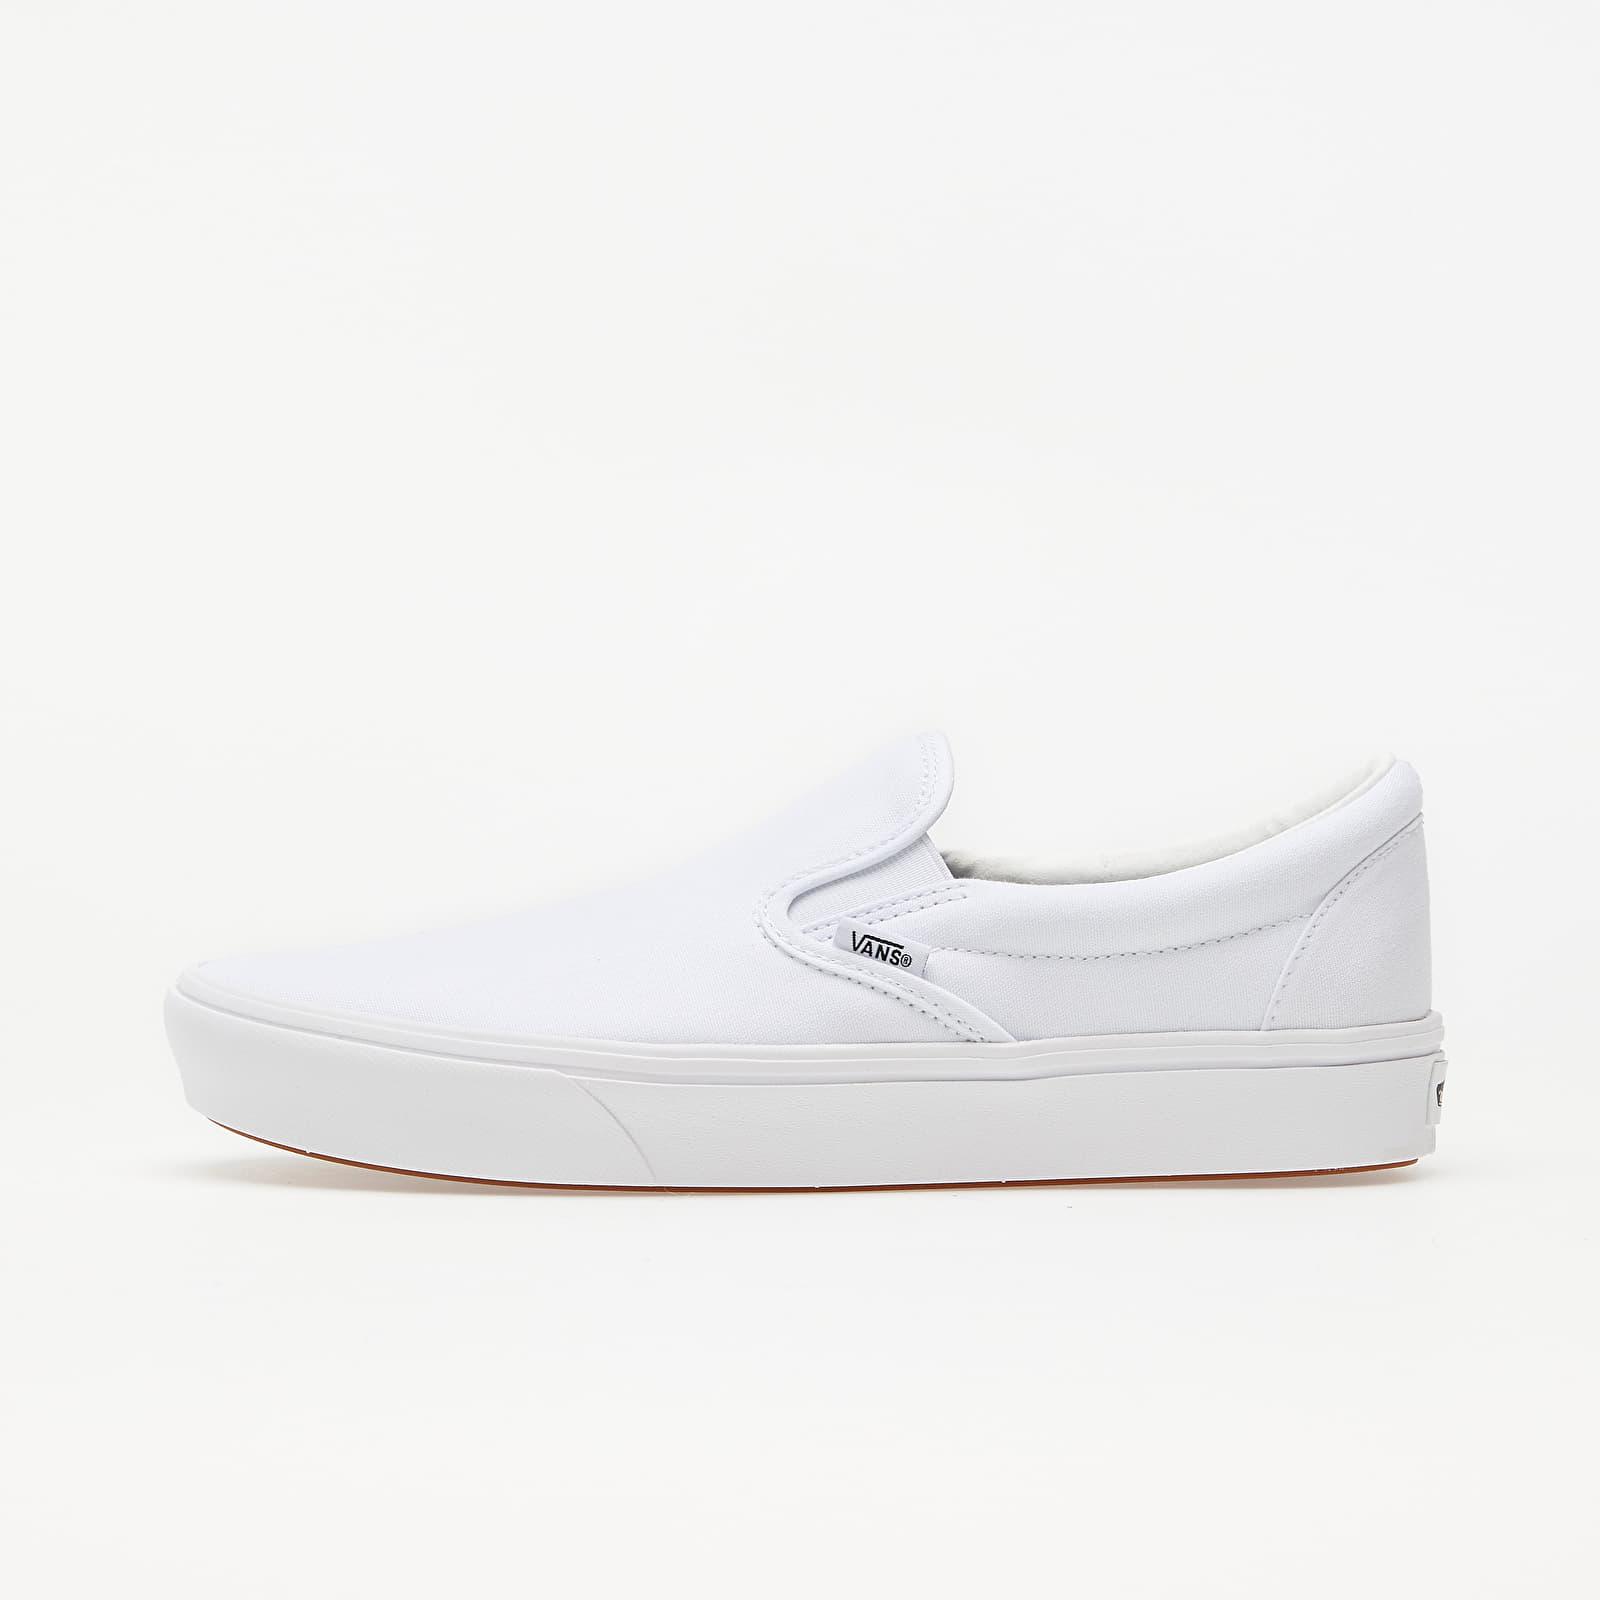 Încălțăminte și sneakerși pentru bărbați Vans ComfyCush Slip-On (Classic) True White/ True